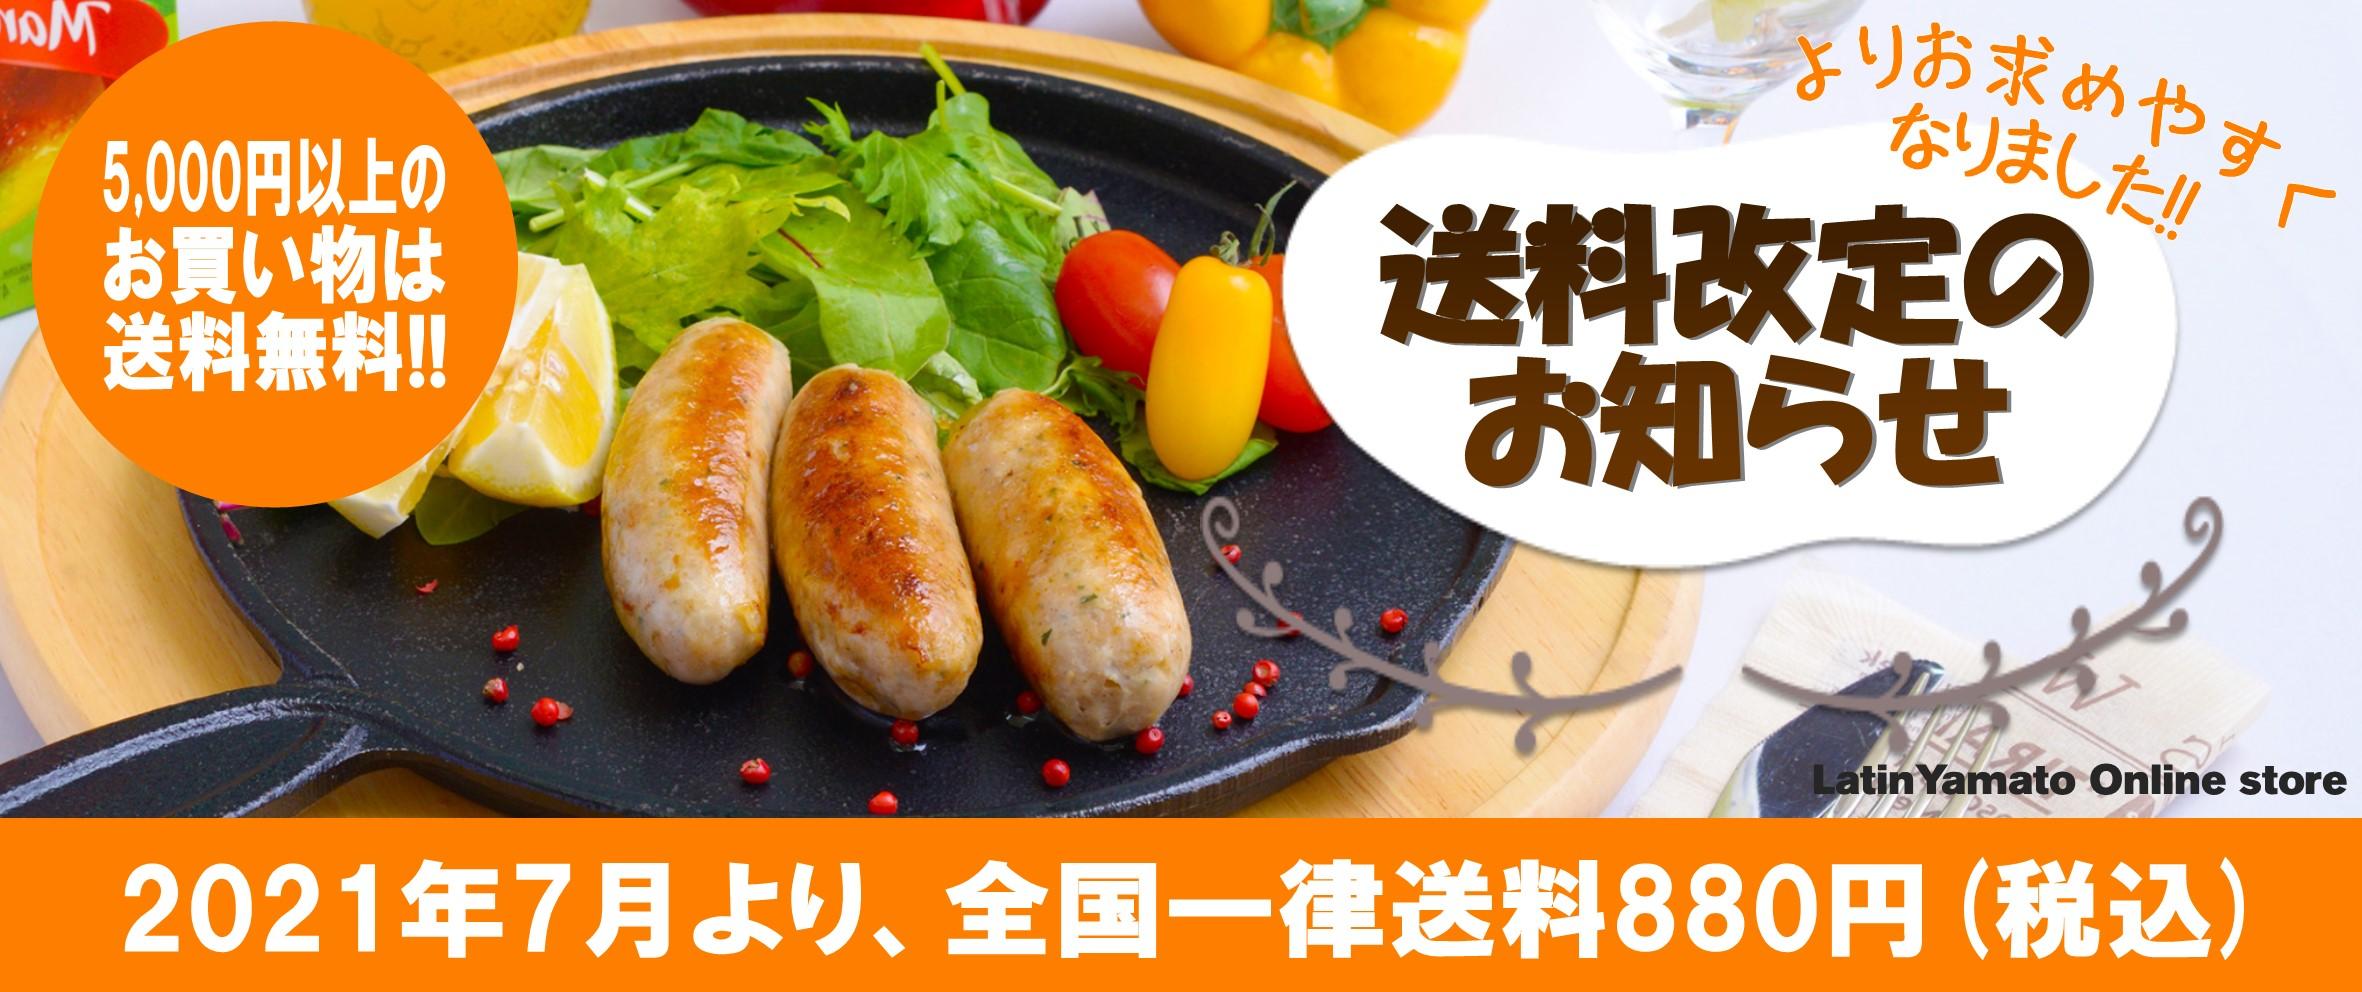 【7/1(木)~もっと利用しやすく!送料改定のお知らせ✨】